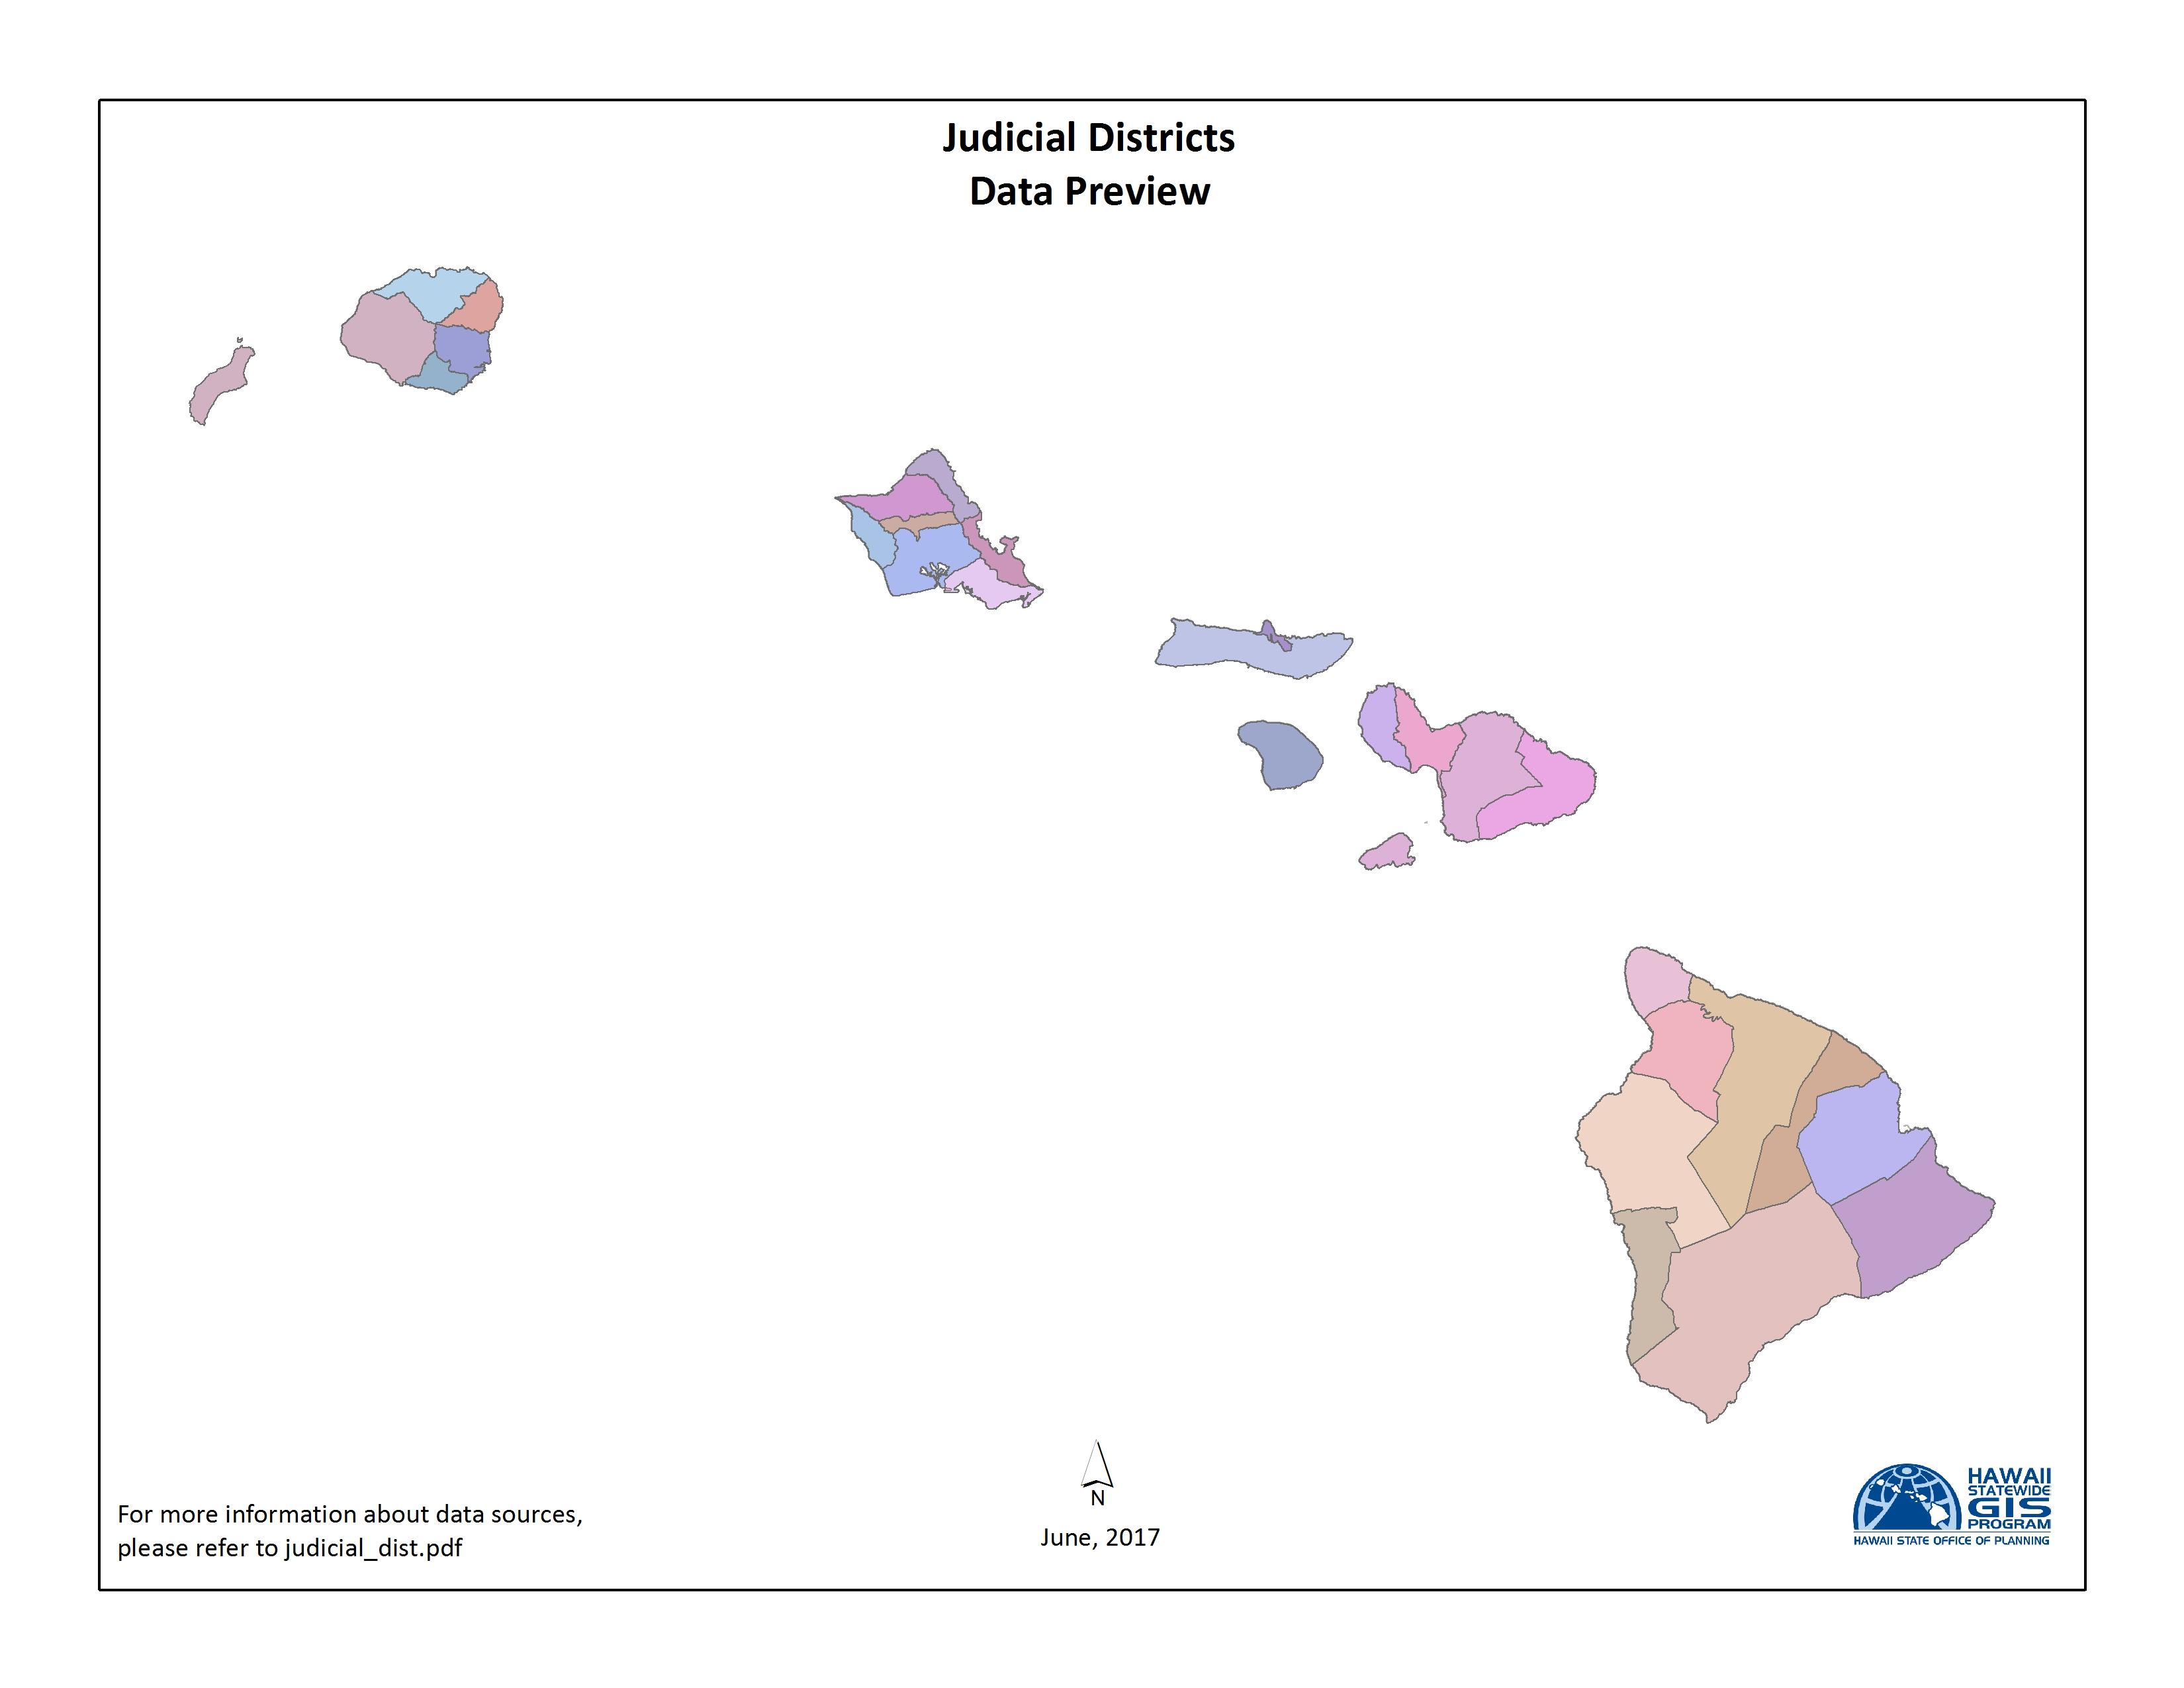 Oahu ahupuaa a boundaries in dating